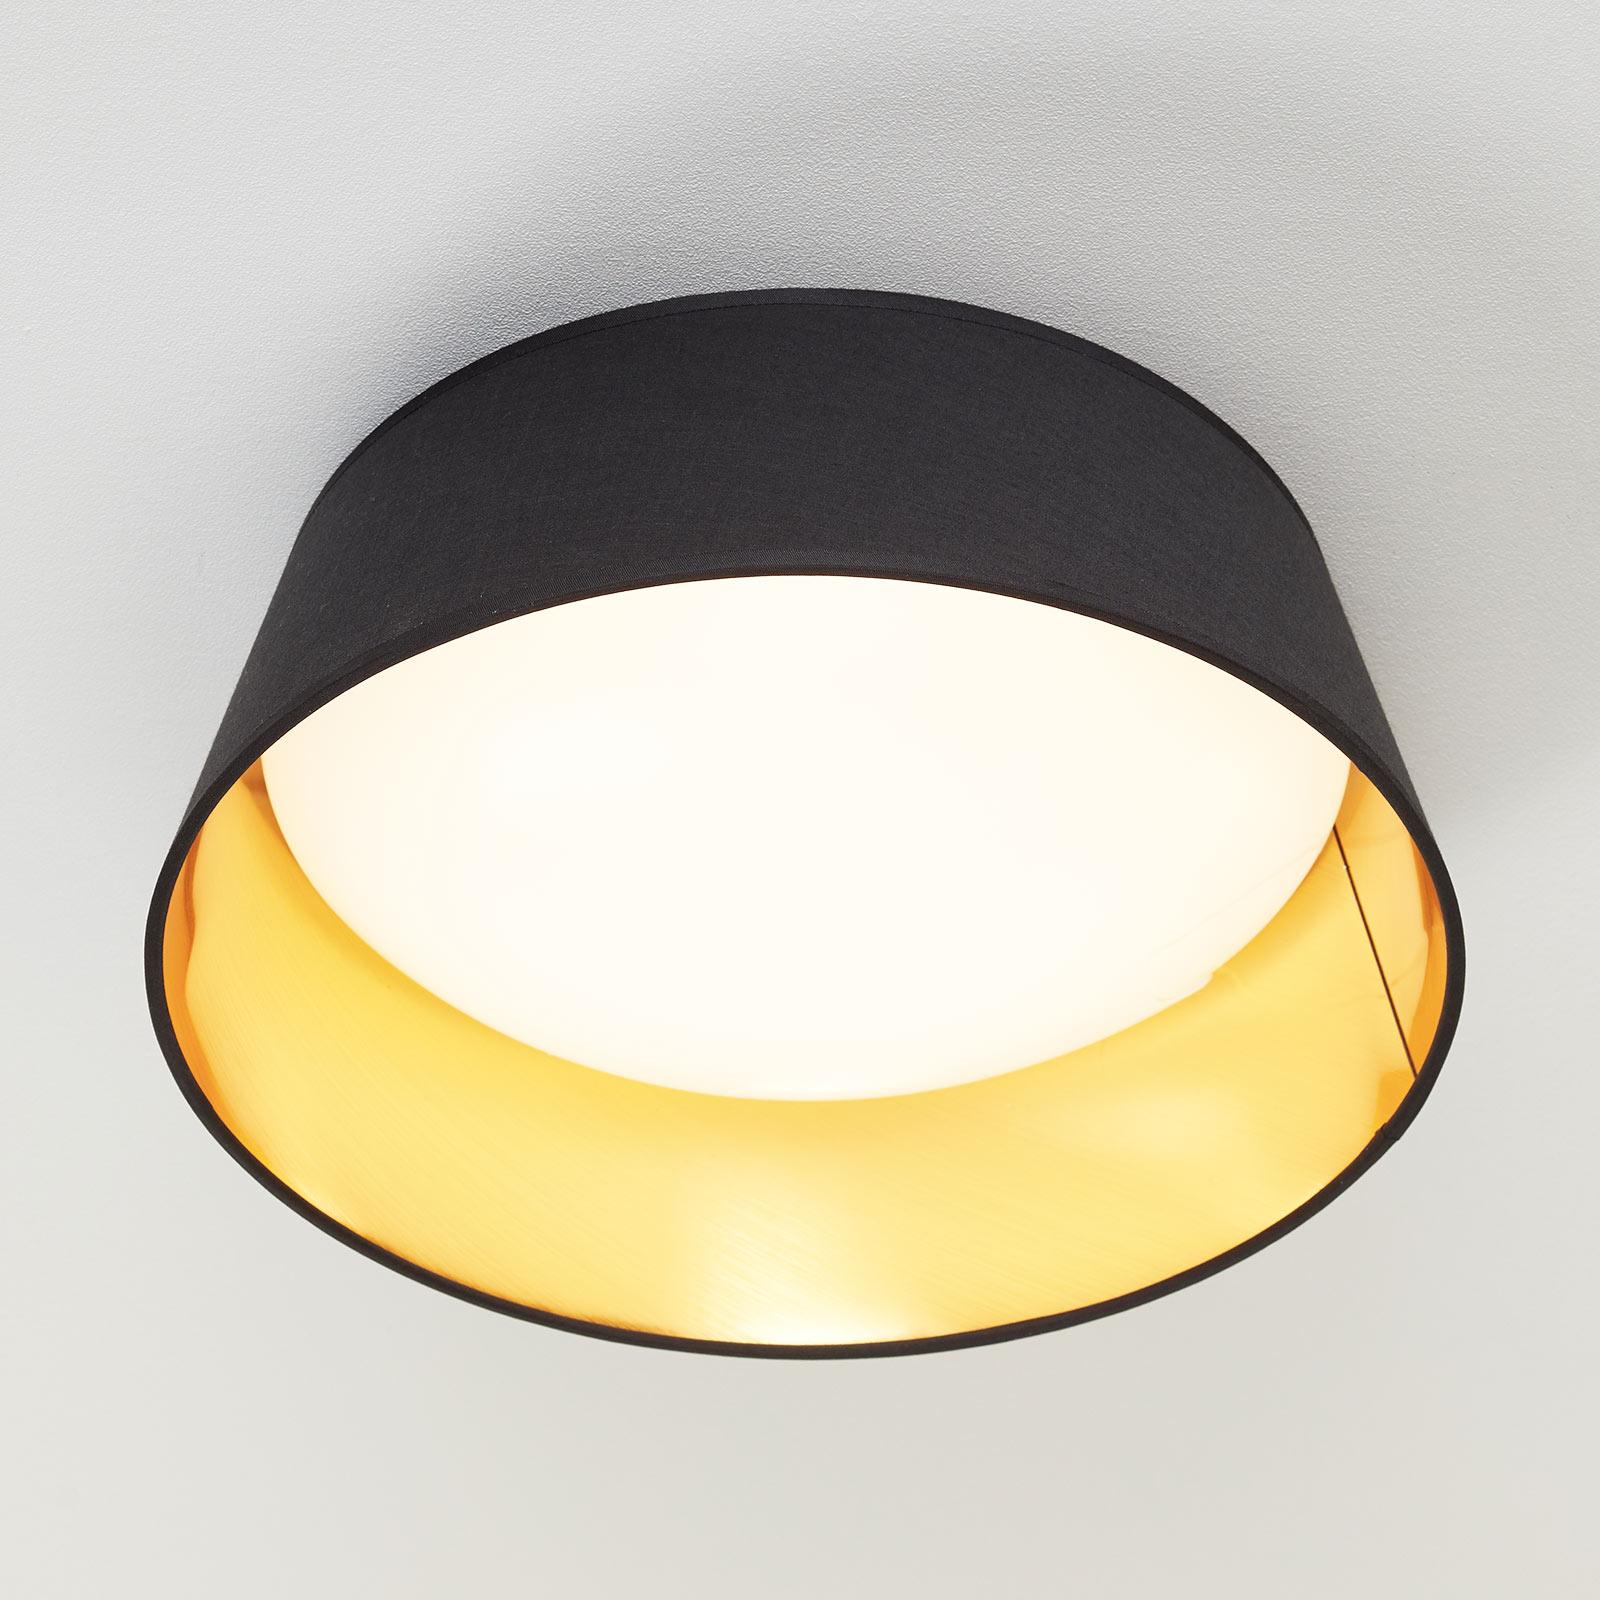 Plafonnier LED Ponts en tissu noir et or